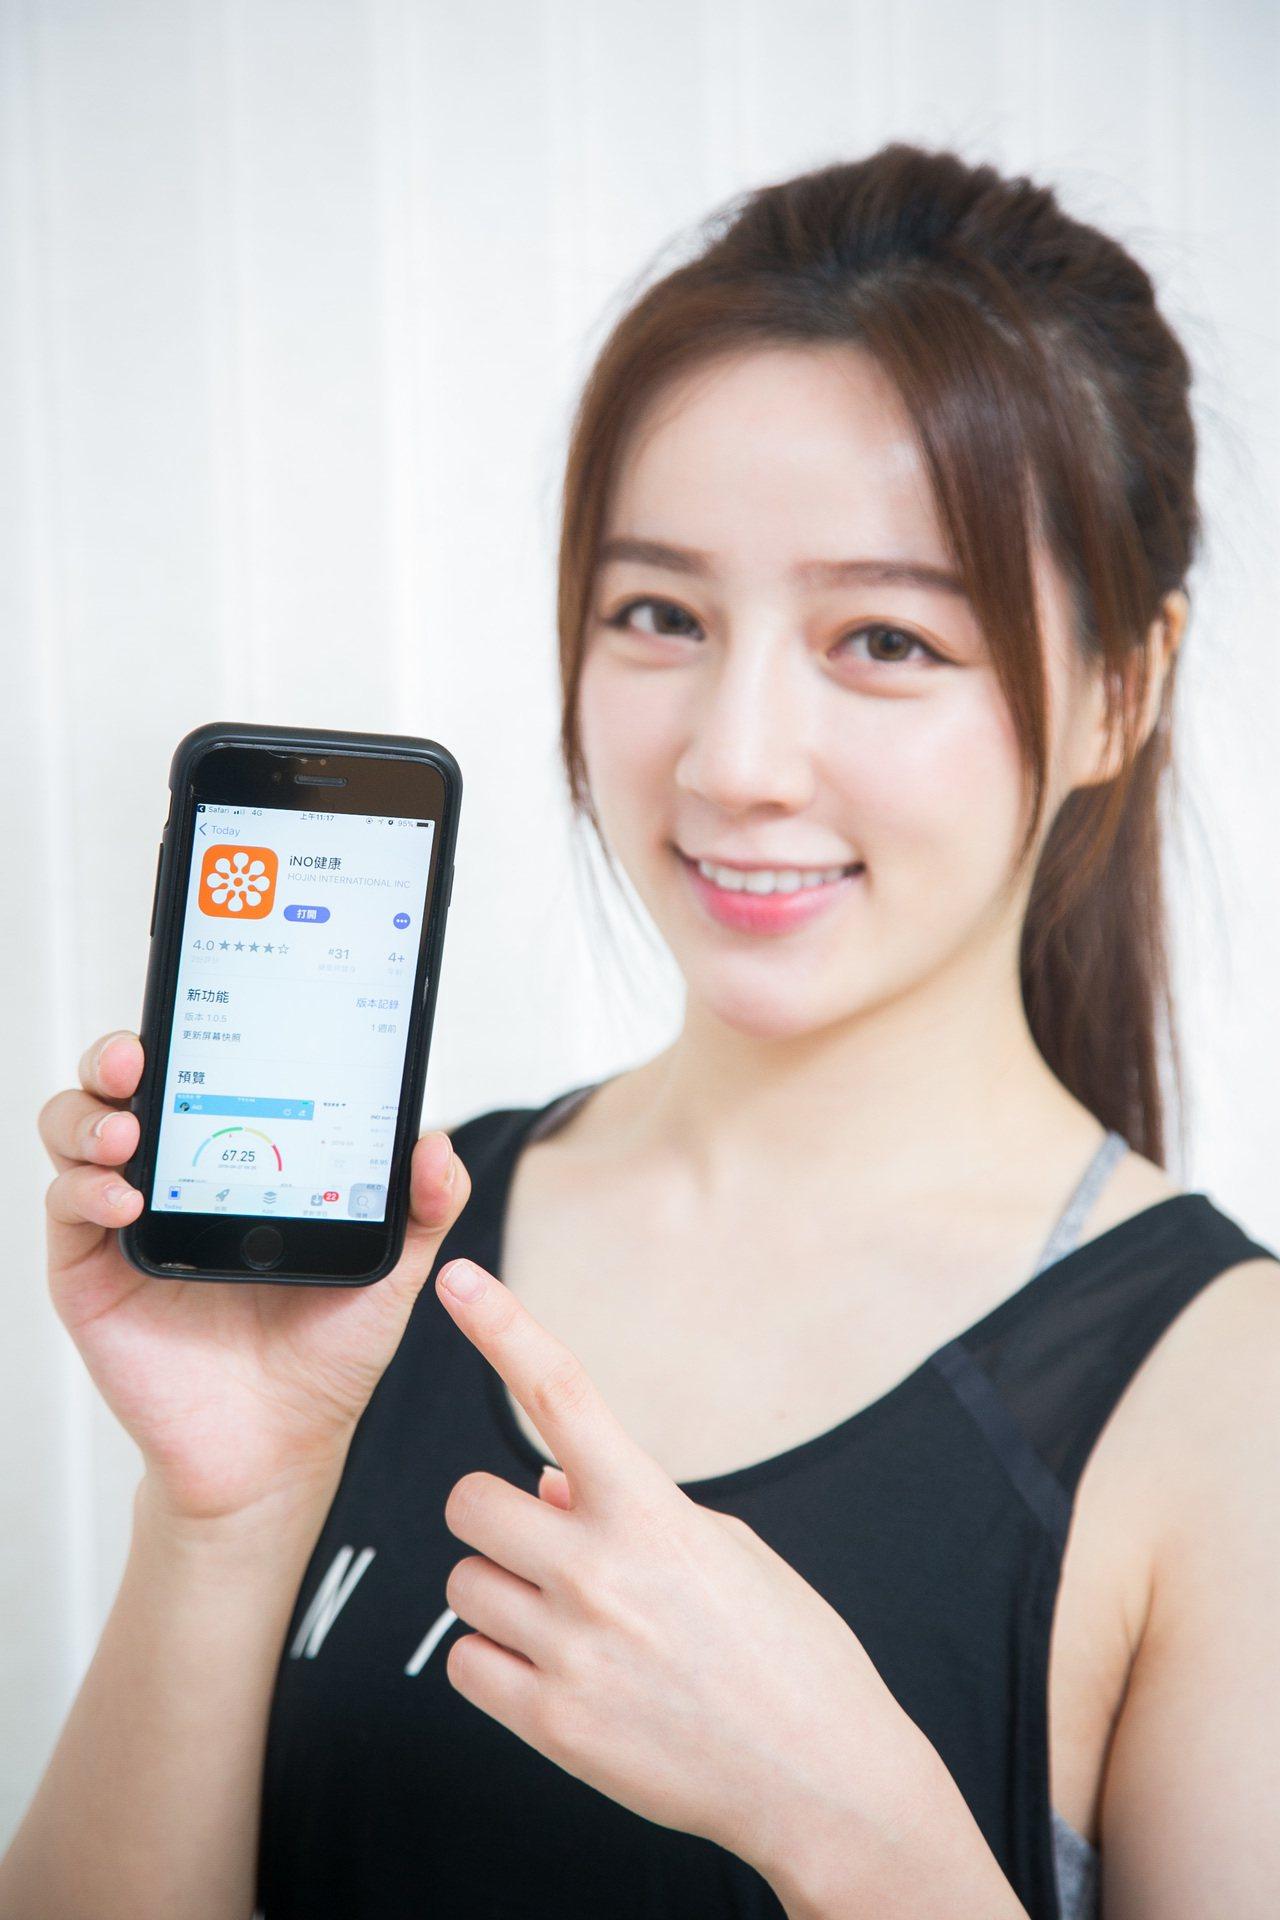 與專屬App連線就能輕鬆管理12項身體數據,還可同步紀錄8名使用者。圖/合晶國際...